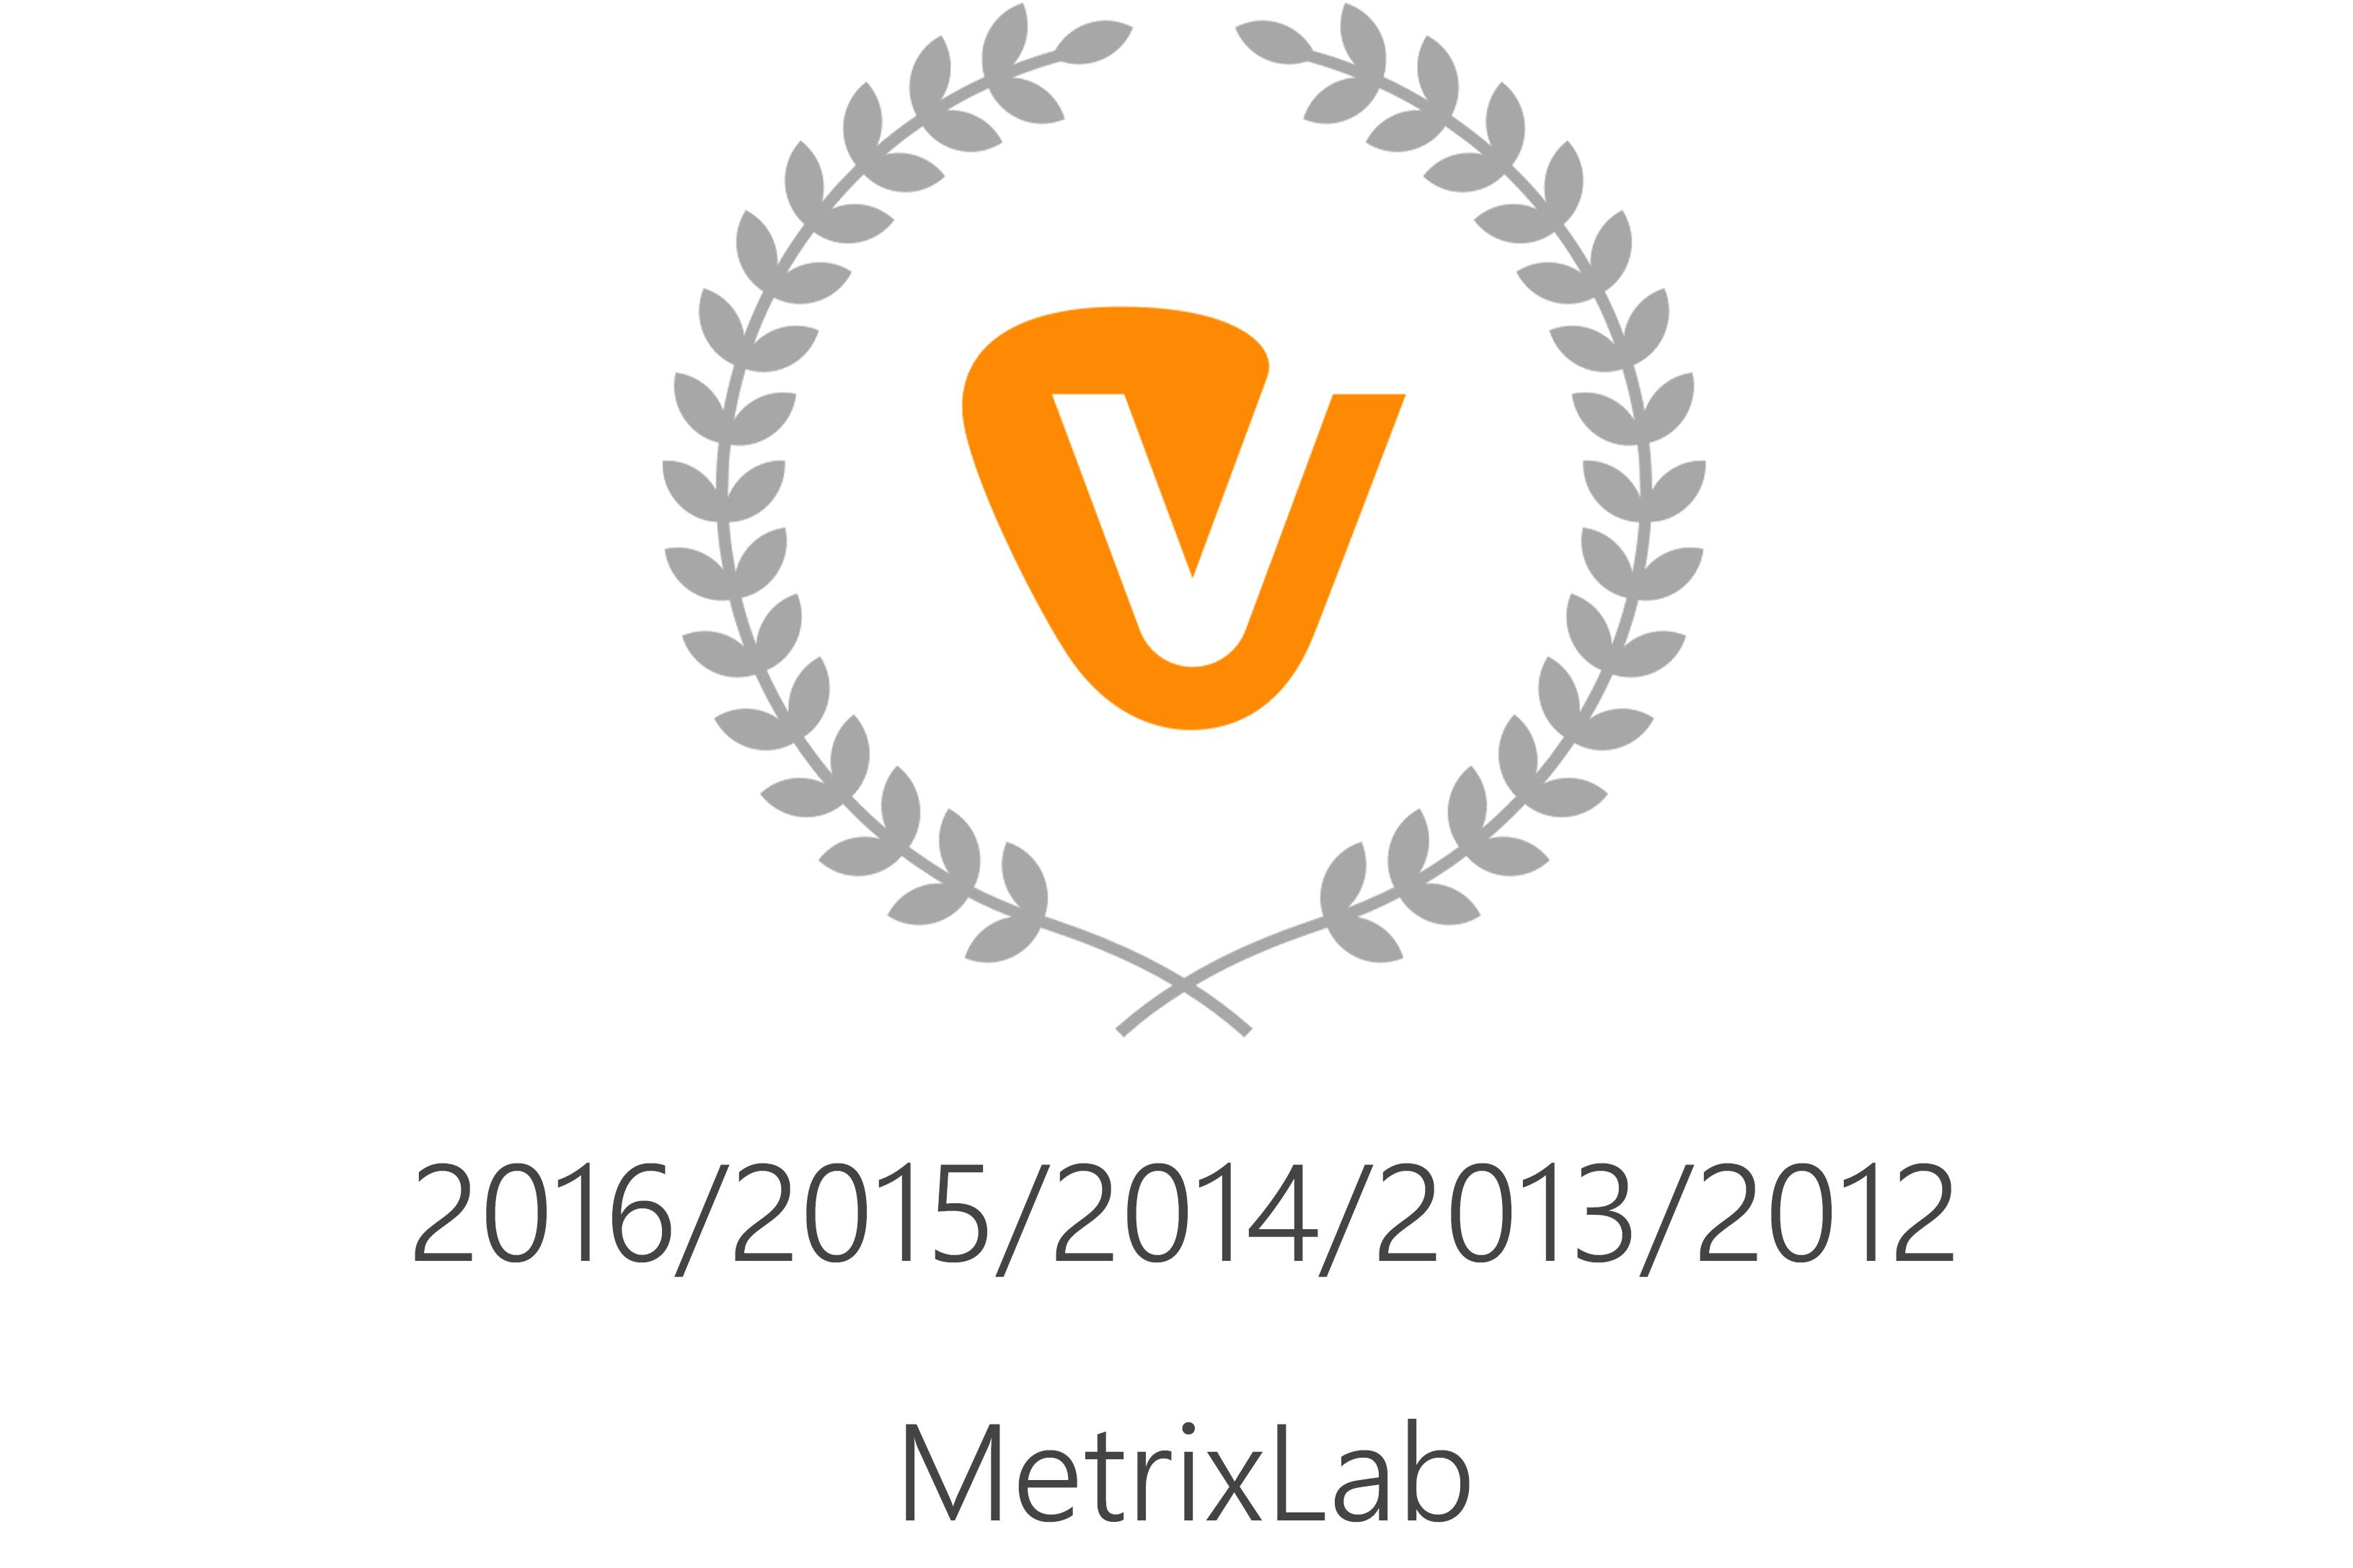 MetrixLab_2016-2015-2014-2013-2012